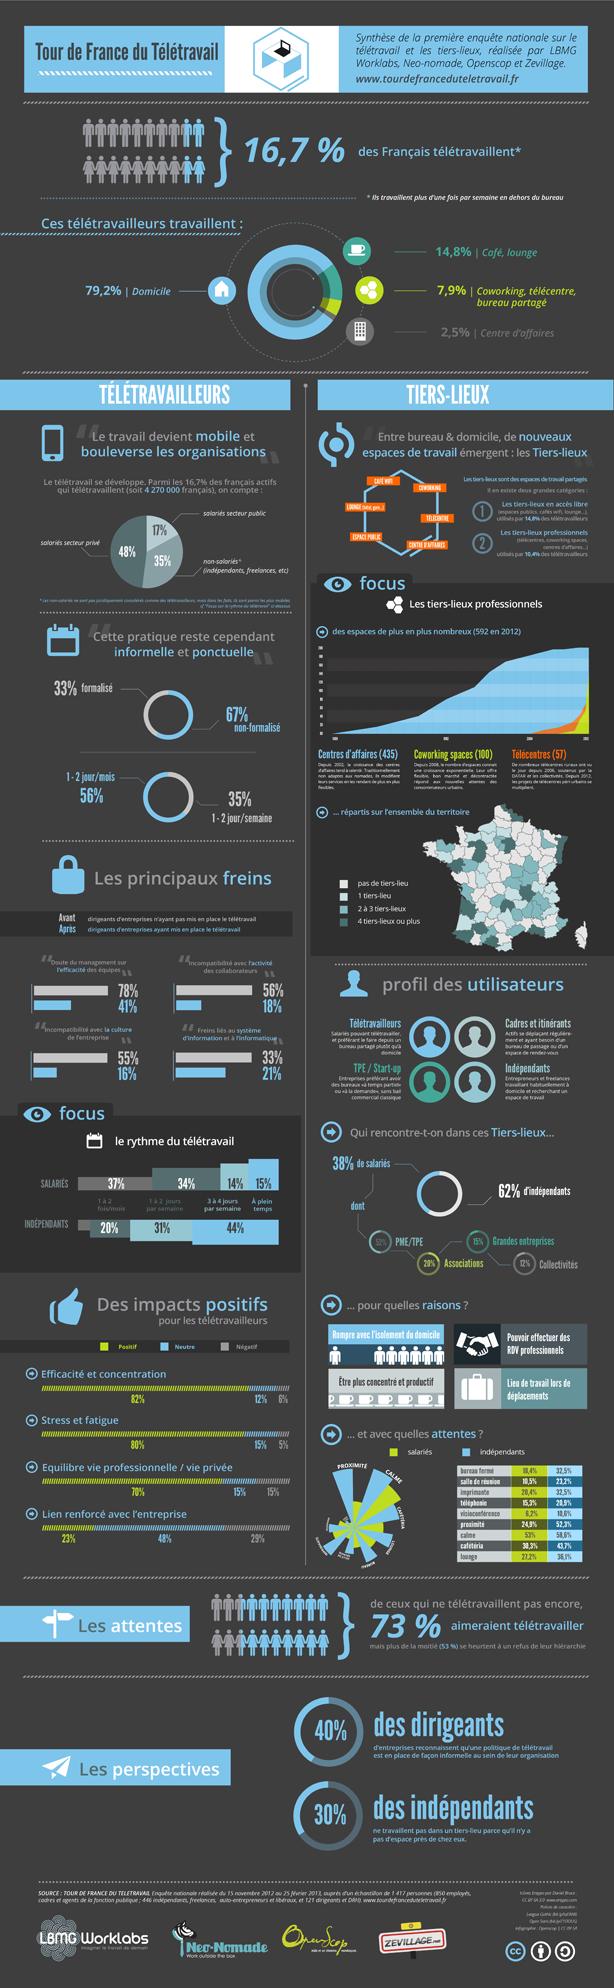 infographie  t u00e9l u00e9travail  coworking et tiers